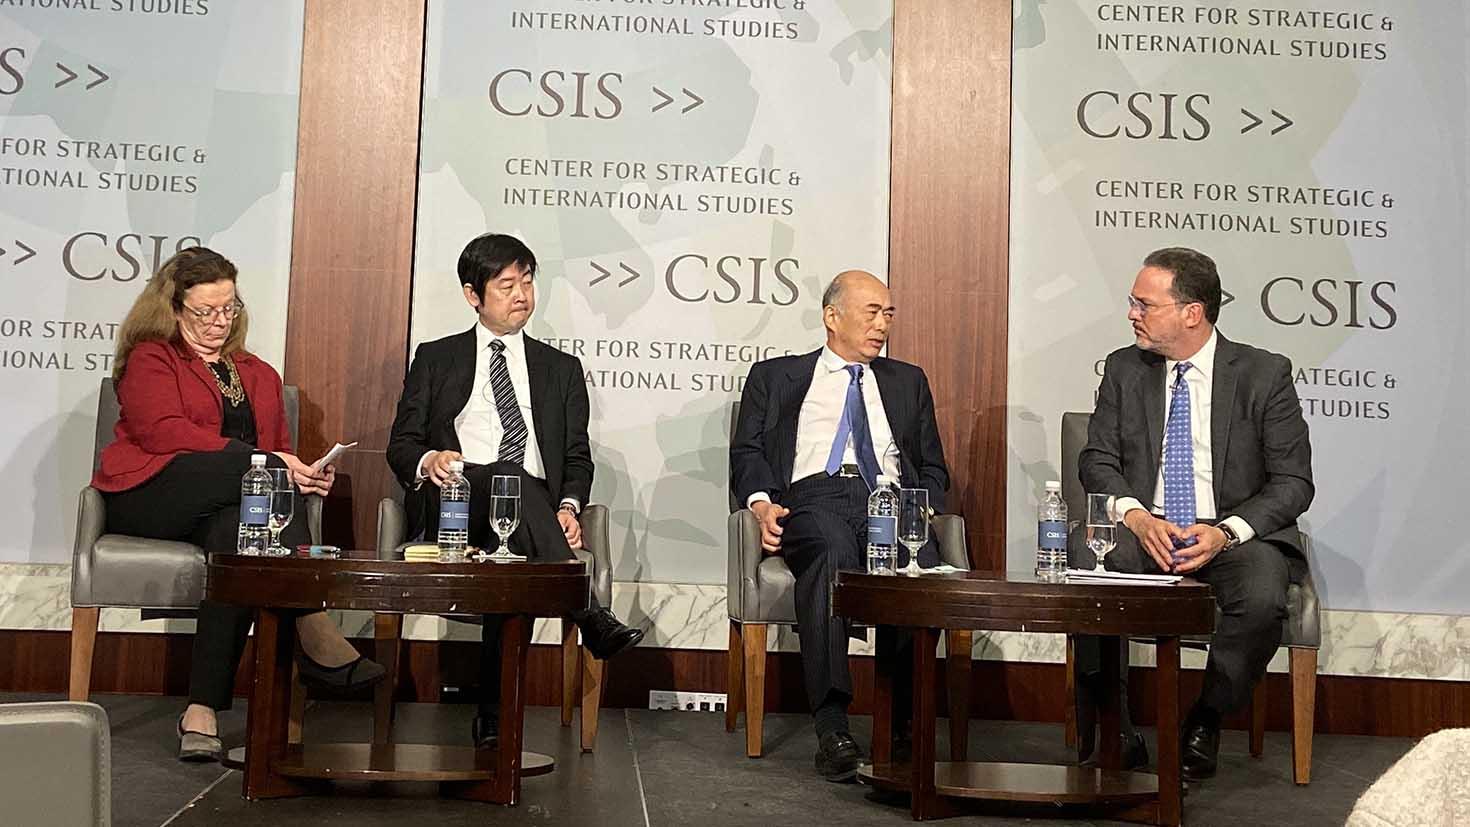 华盛顿智库战略与国际研究中心研讨会:美日同盟60年,左二为日本法政大学教授森森聡(Satoru Mori)。(王允摄)